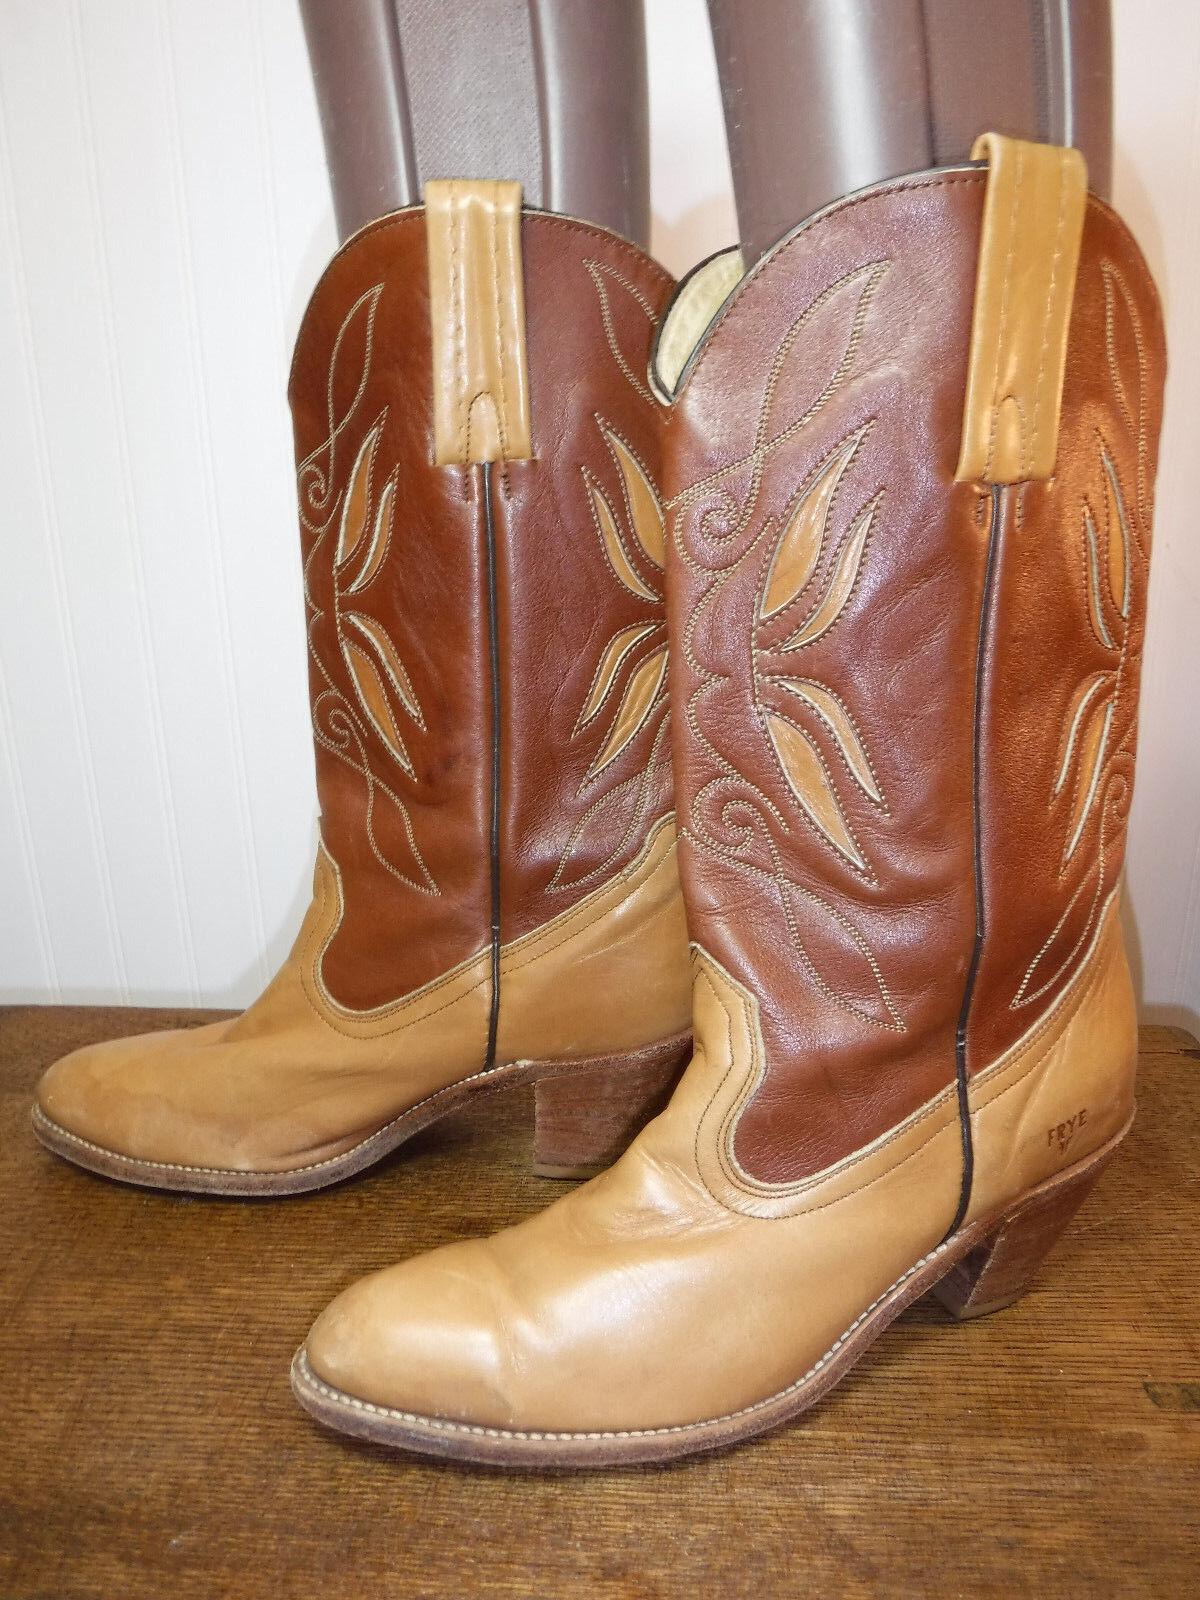 prendi l'ultimo FRYE FRYE FRYE 7335 Marrone Leather Western stivali Fashion donna Dimensione 10  centro commerciale di moda